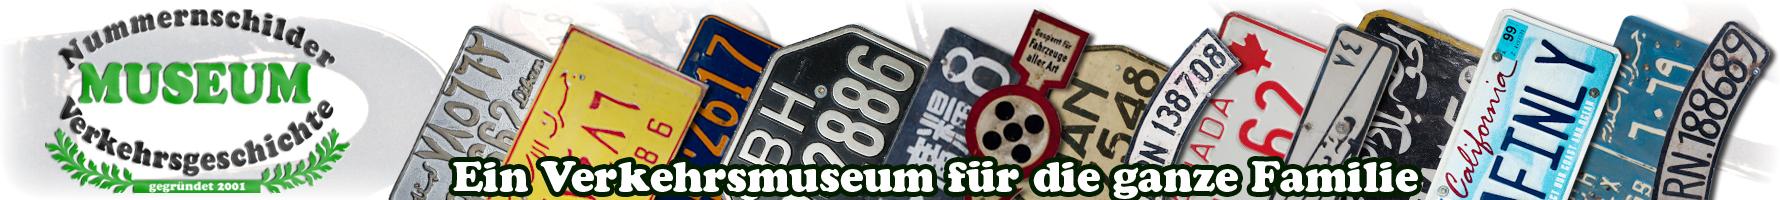 Nummernschildmuseum Header